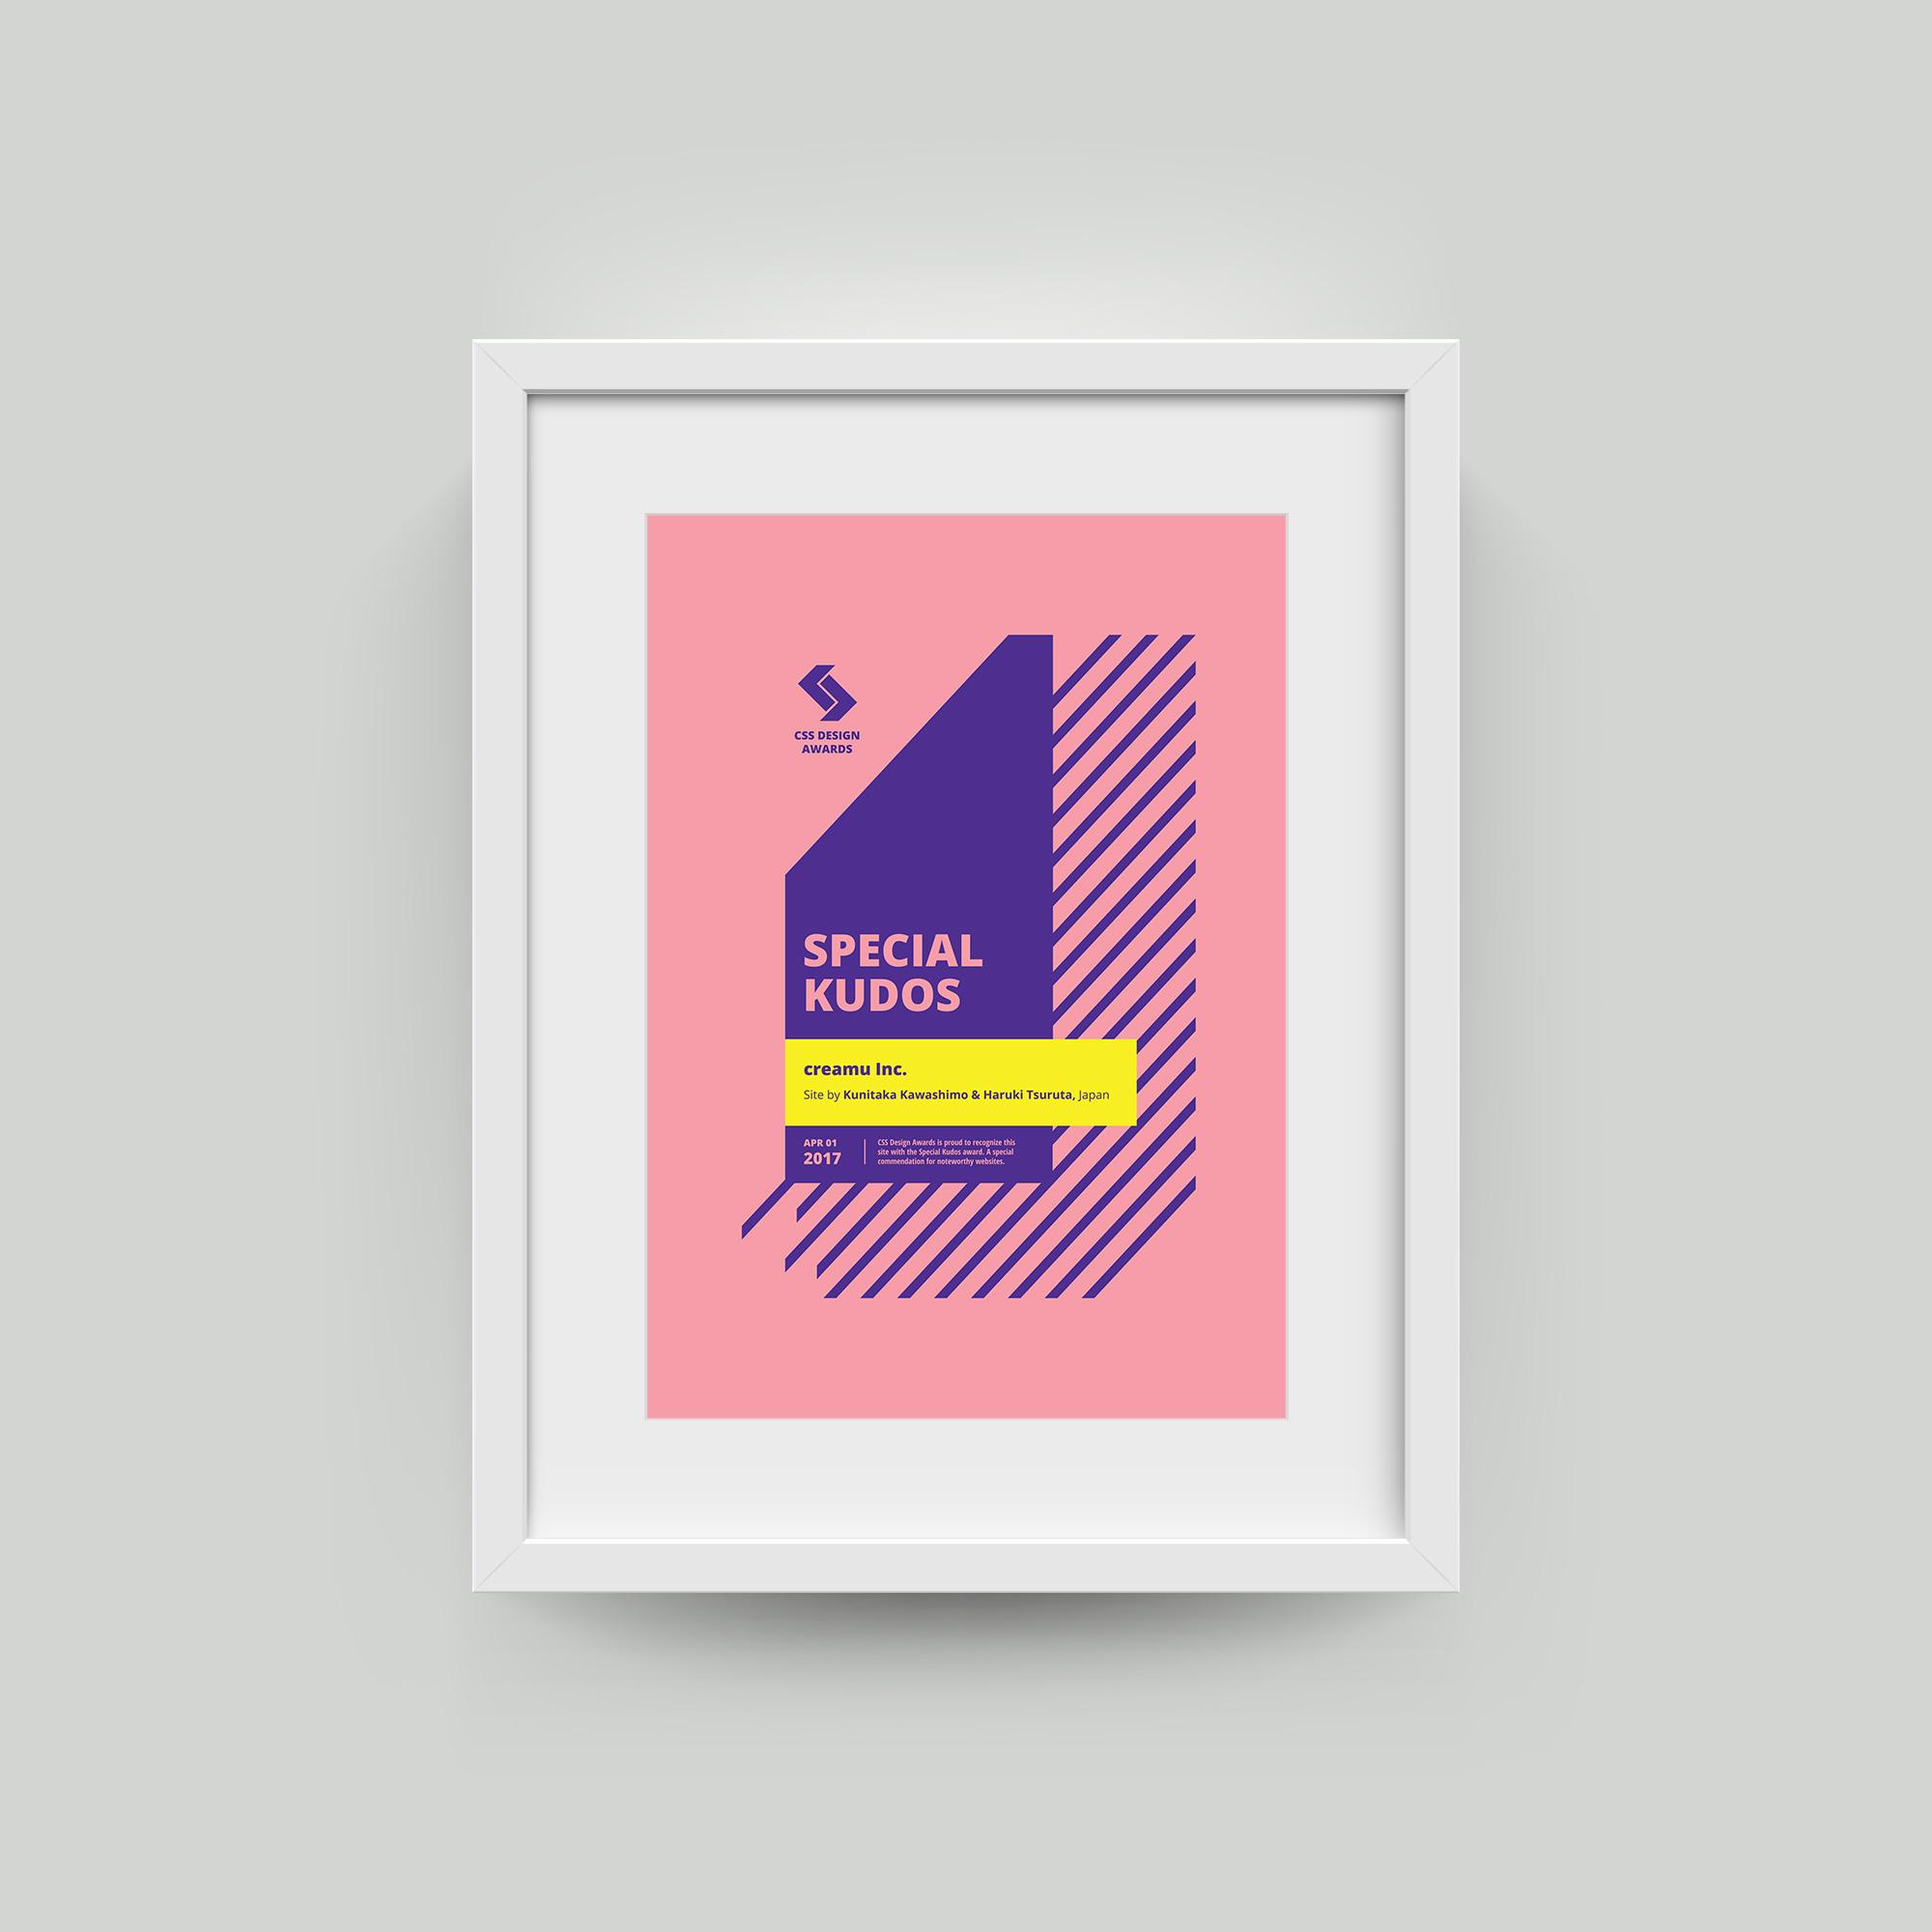 creamu Inc. Rebranding